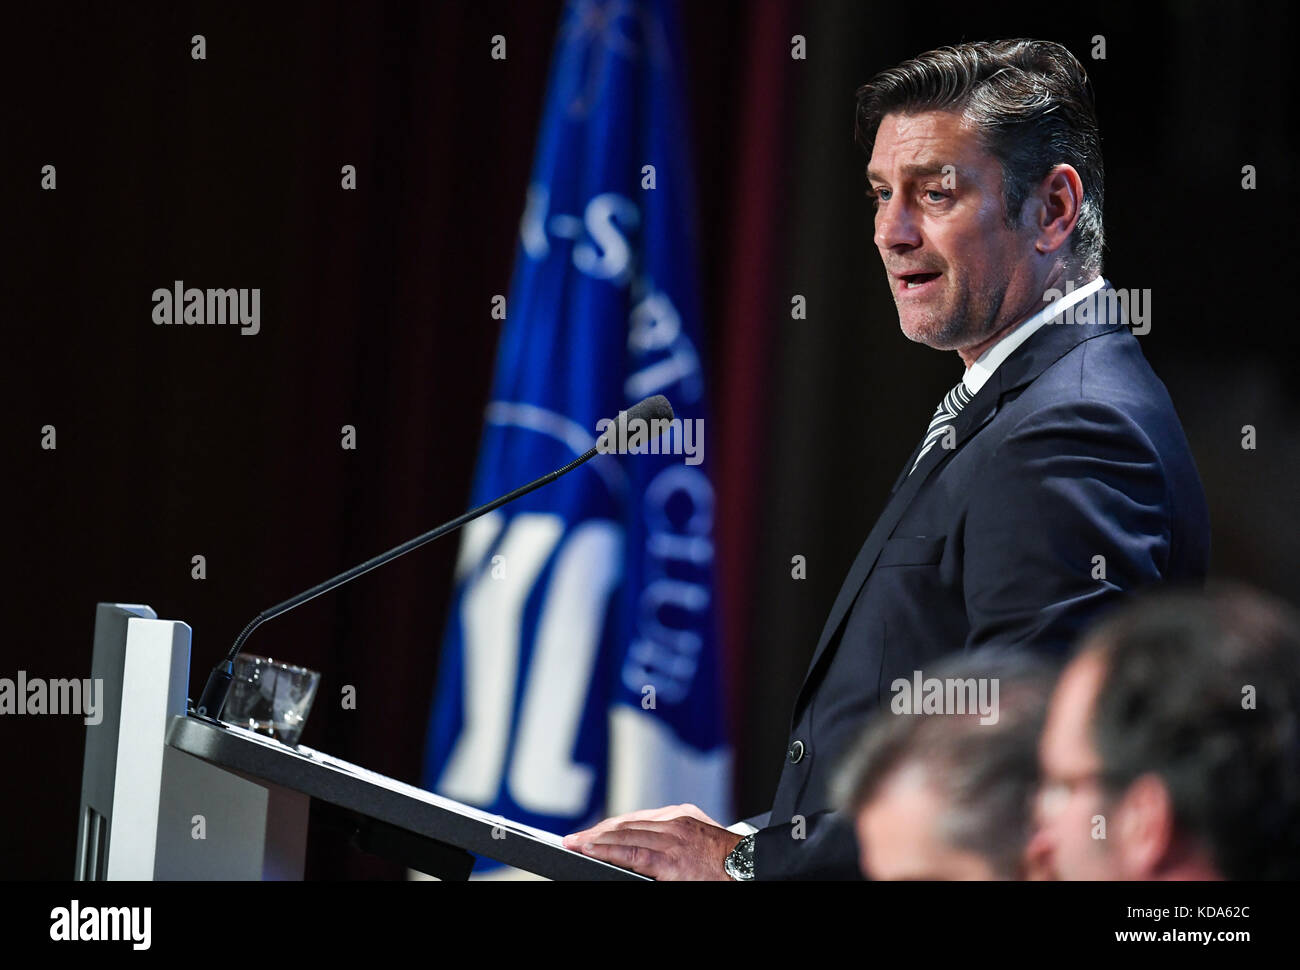 Karlsruhe Nereut, Deutschland. 12th Oct, 2017. Sportdirektor Oliver Kreuzer (KSC) spricht zu den Mitgliedern. GES/ - Stock Image